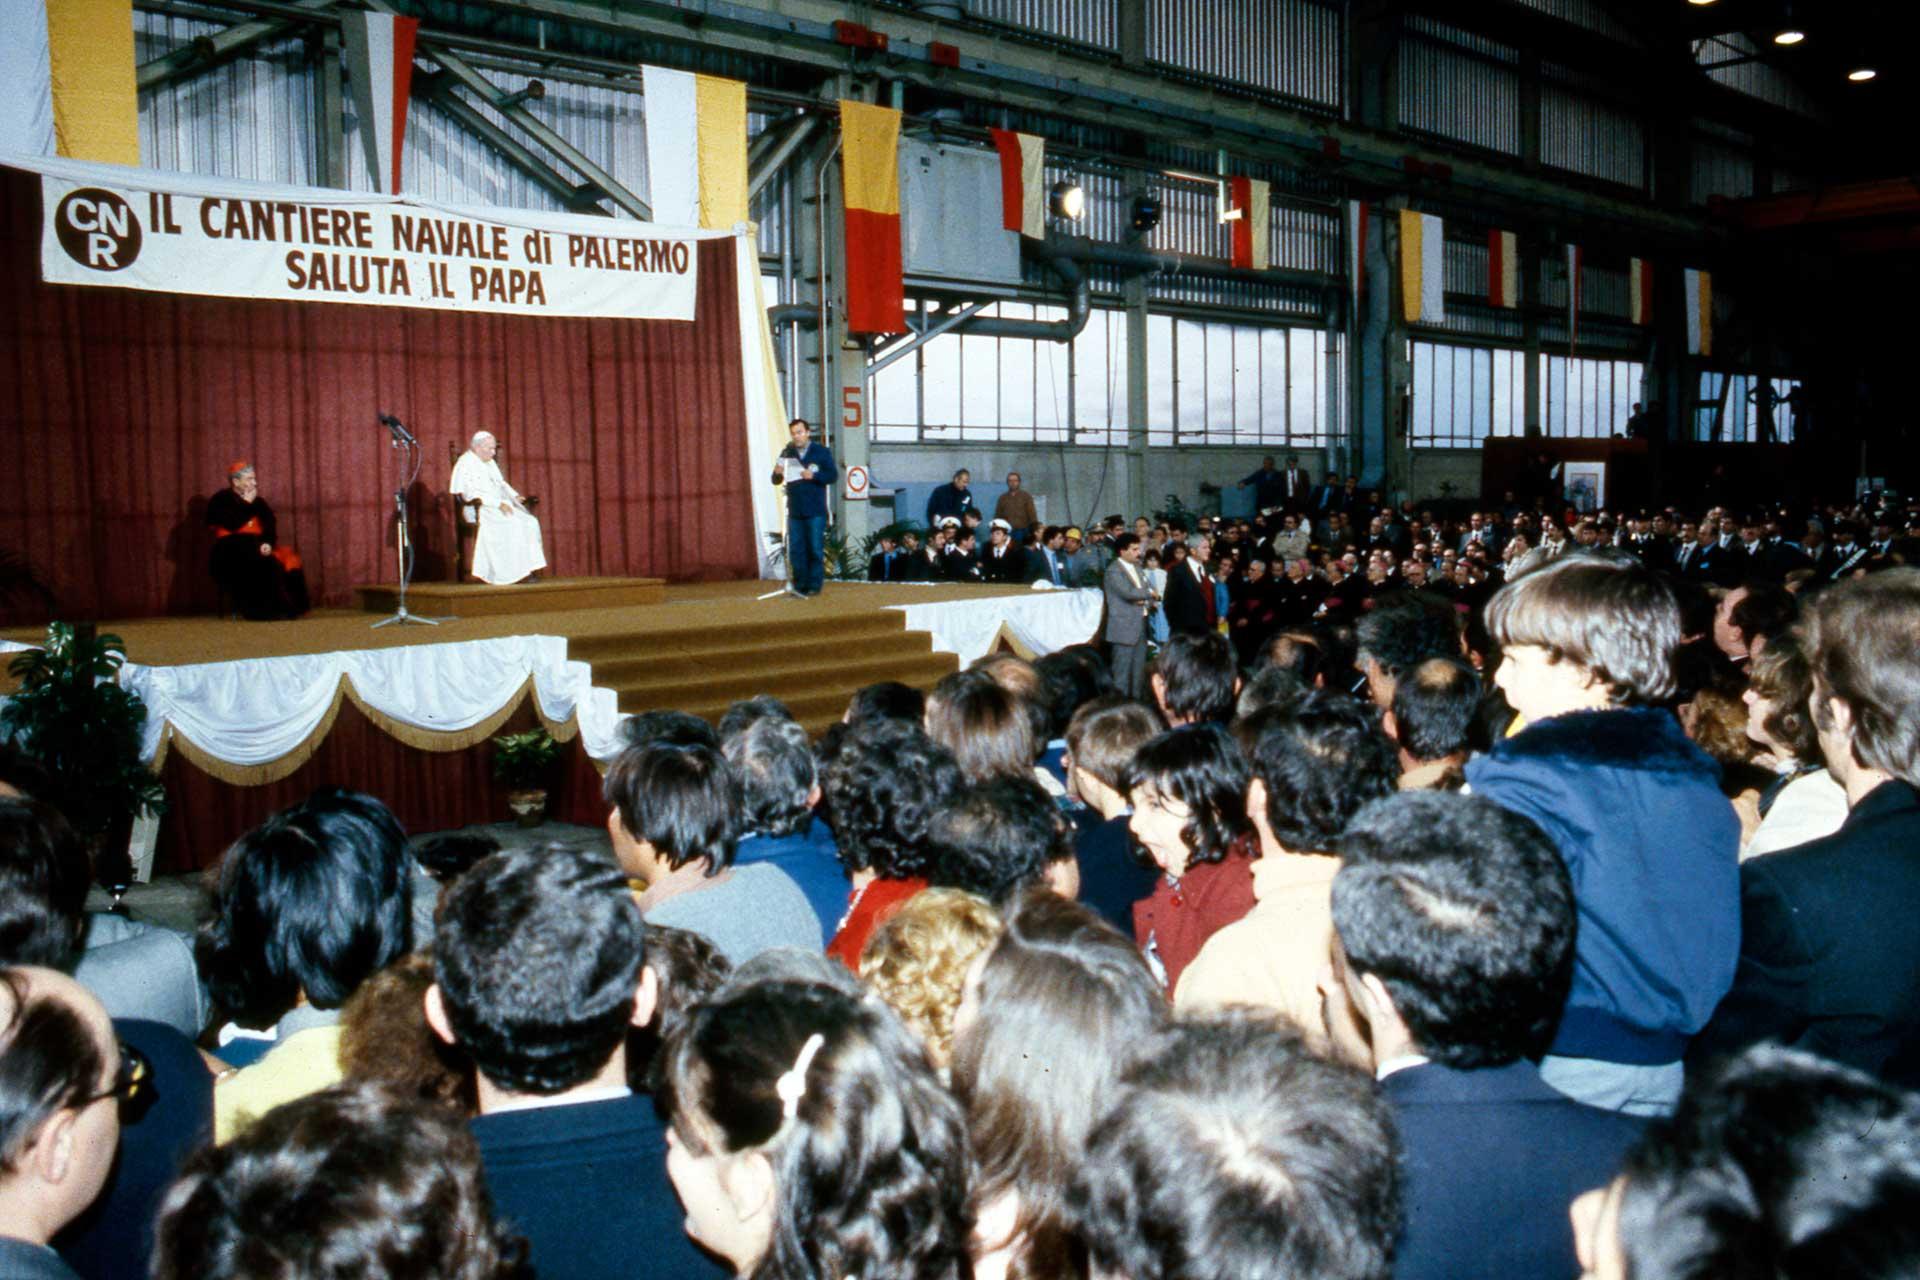 Le Pape salue et s'adresse aux ouvriers et aux dirigeants du chantier naval de Palerme avec des paroles fermes et d?encouragement.